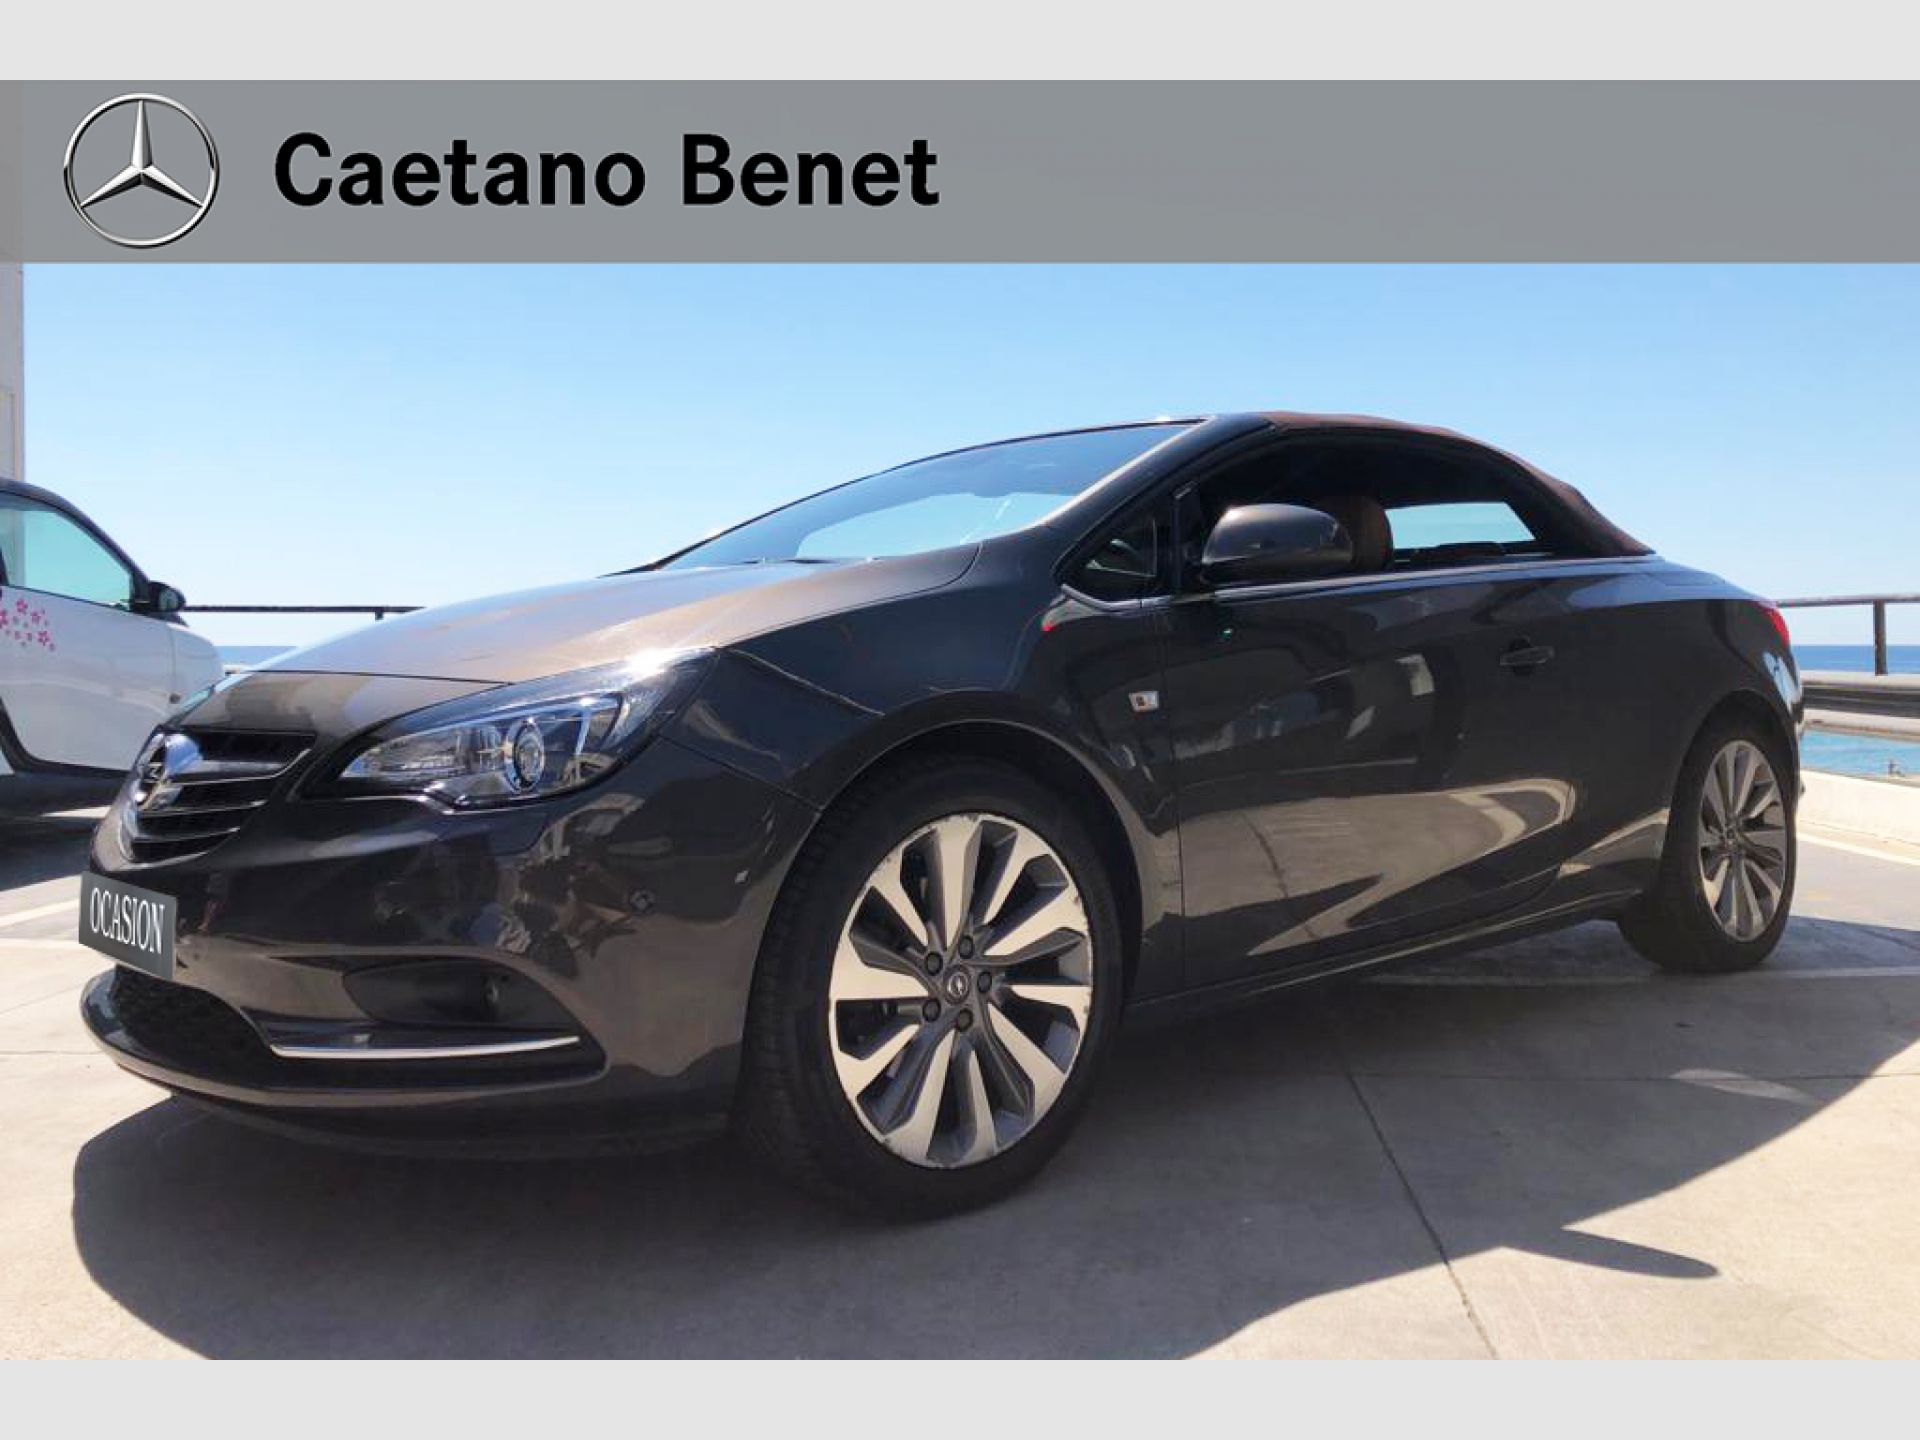 Opel Cabrio 2.0 CDTi 165 CV Excellence Auto segunda mano Málaga